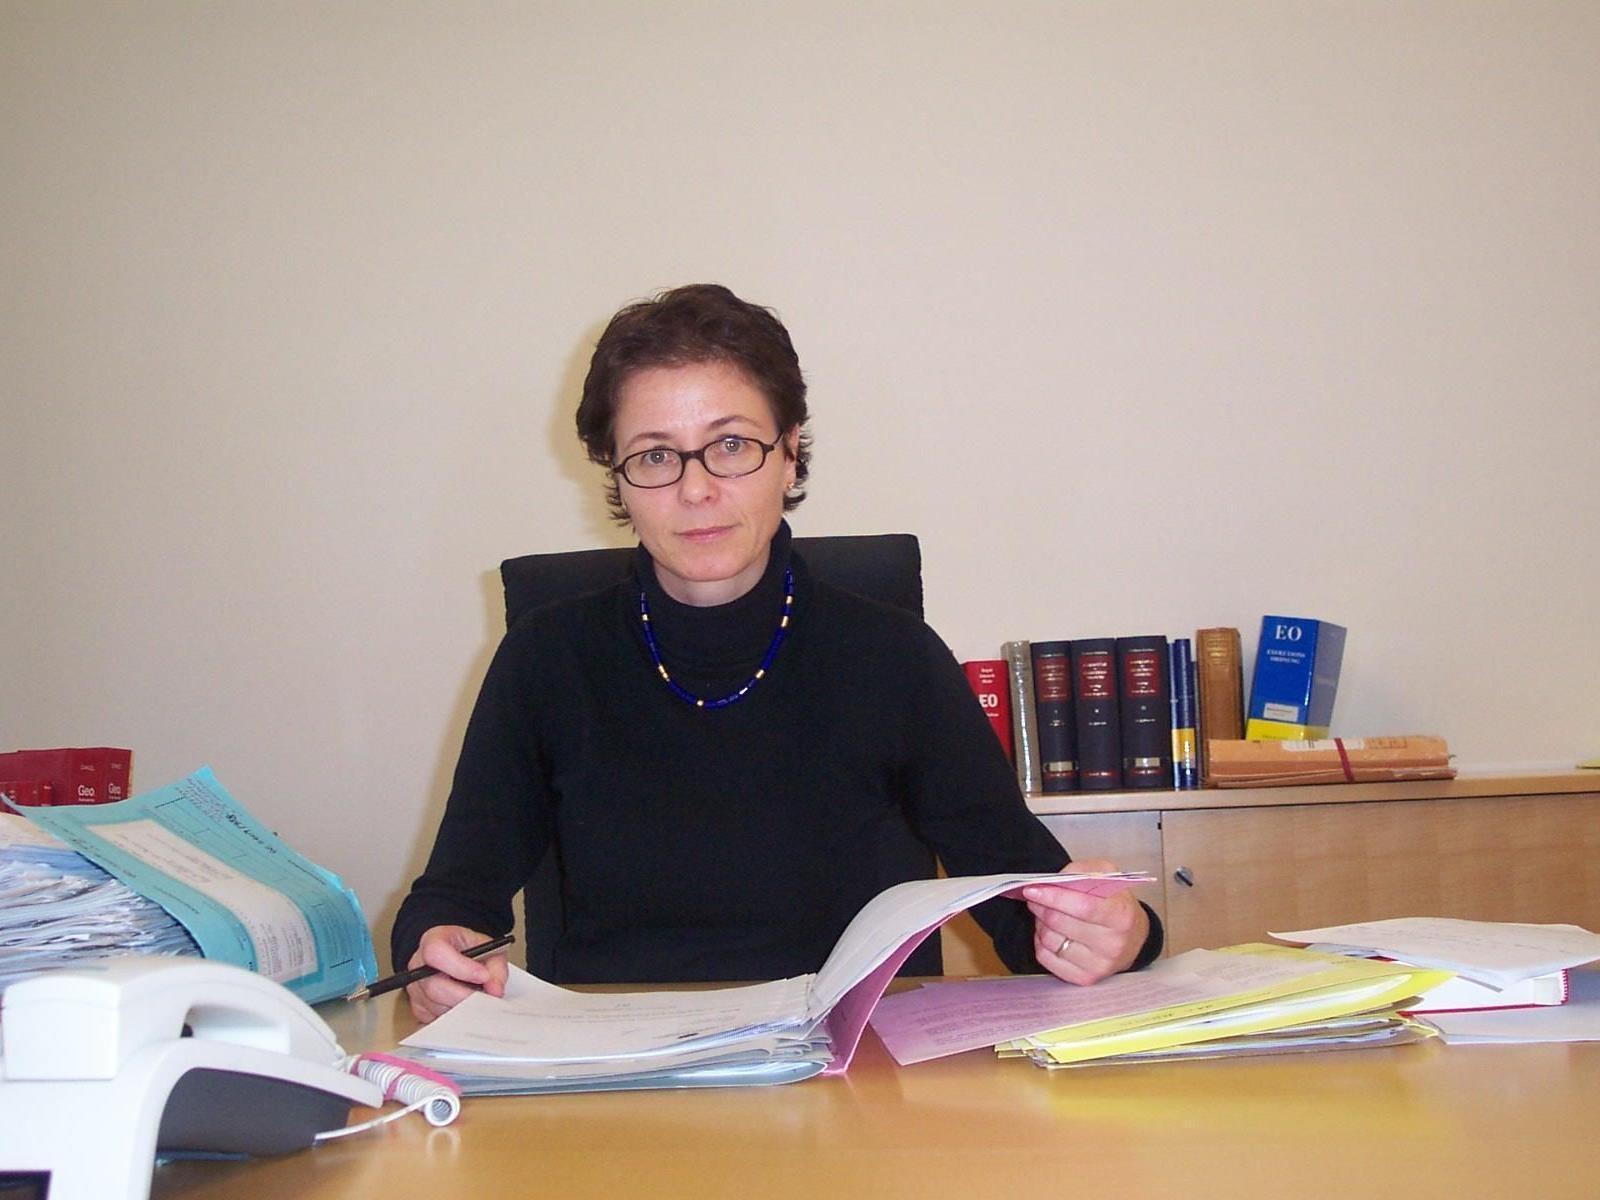 Ab 14. Mai wird das Verfahren gegen Landesgerichts-Vizepräsidentin verhandelt.